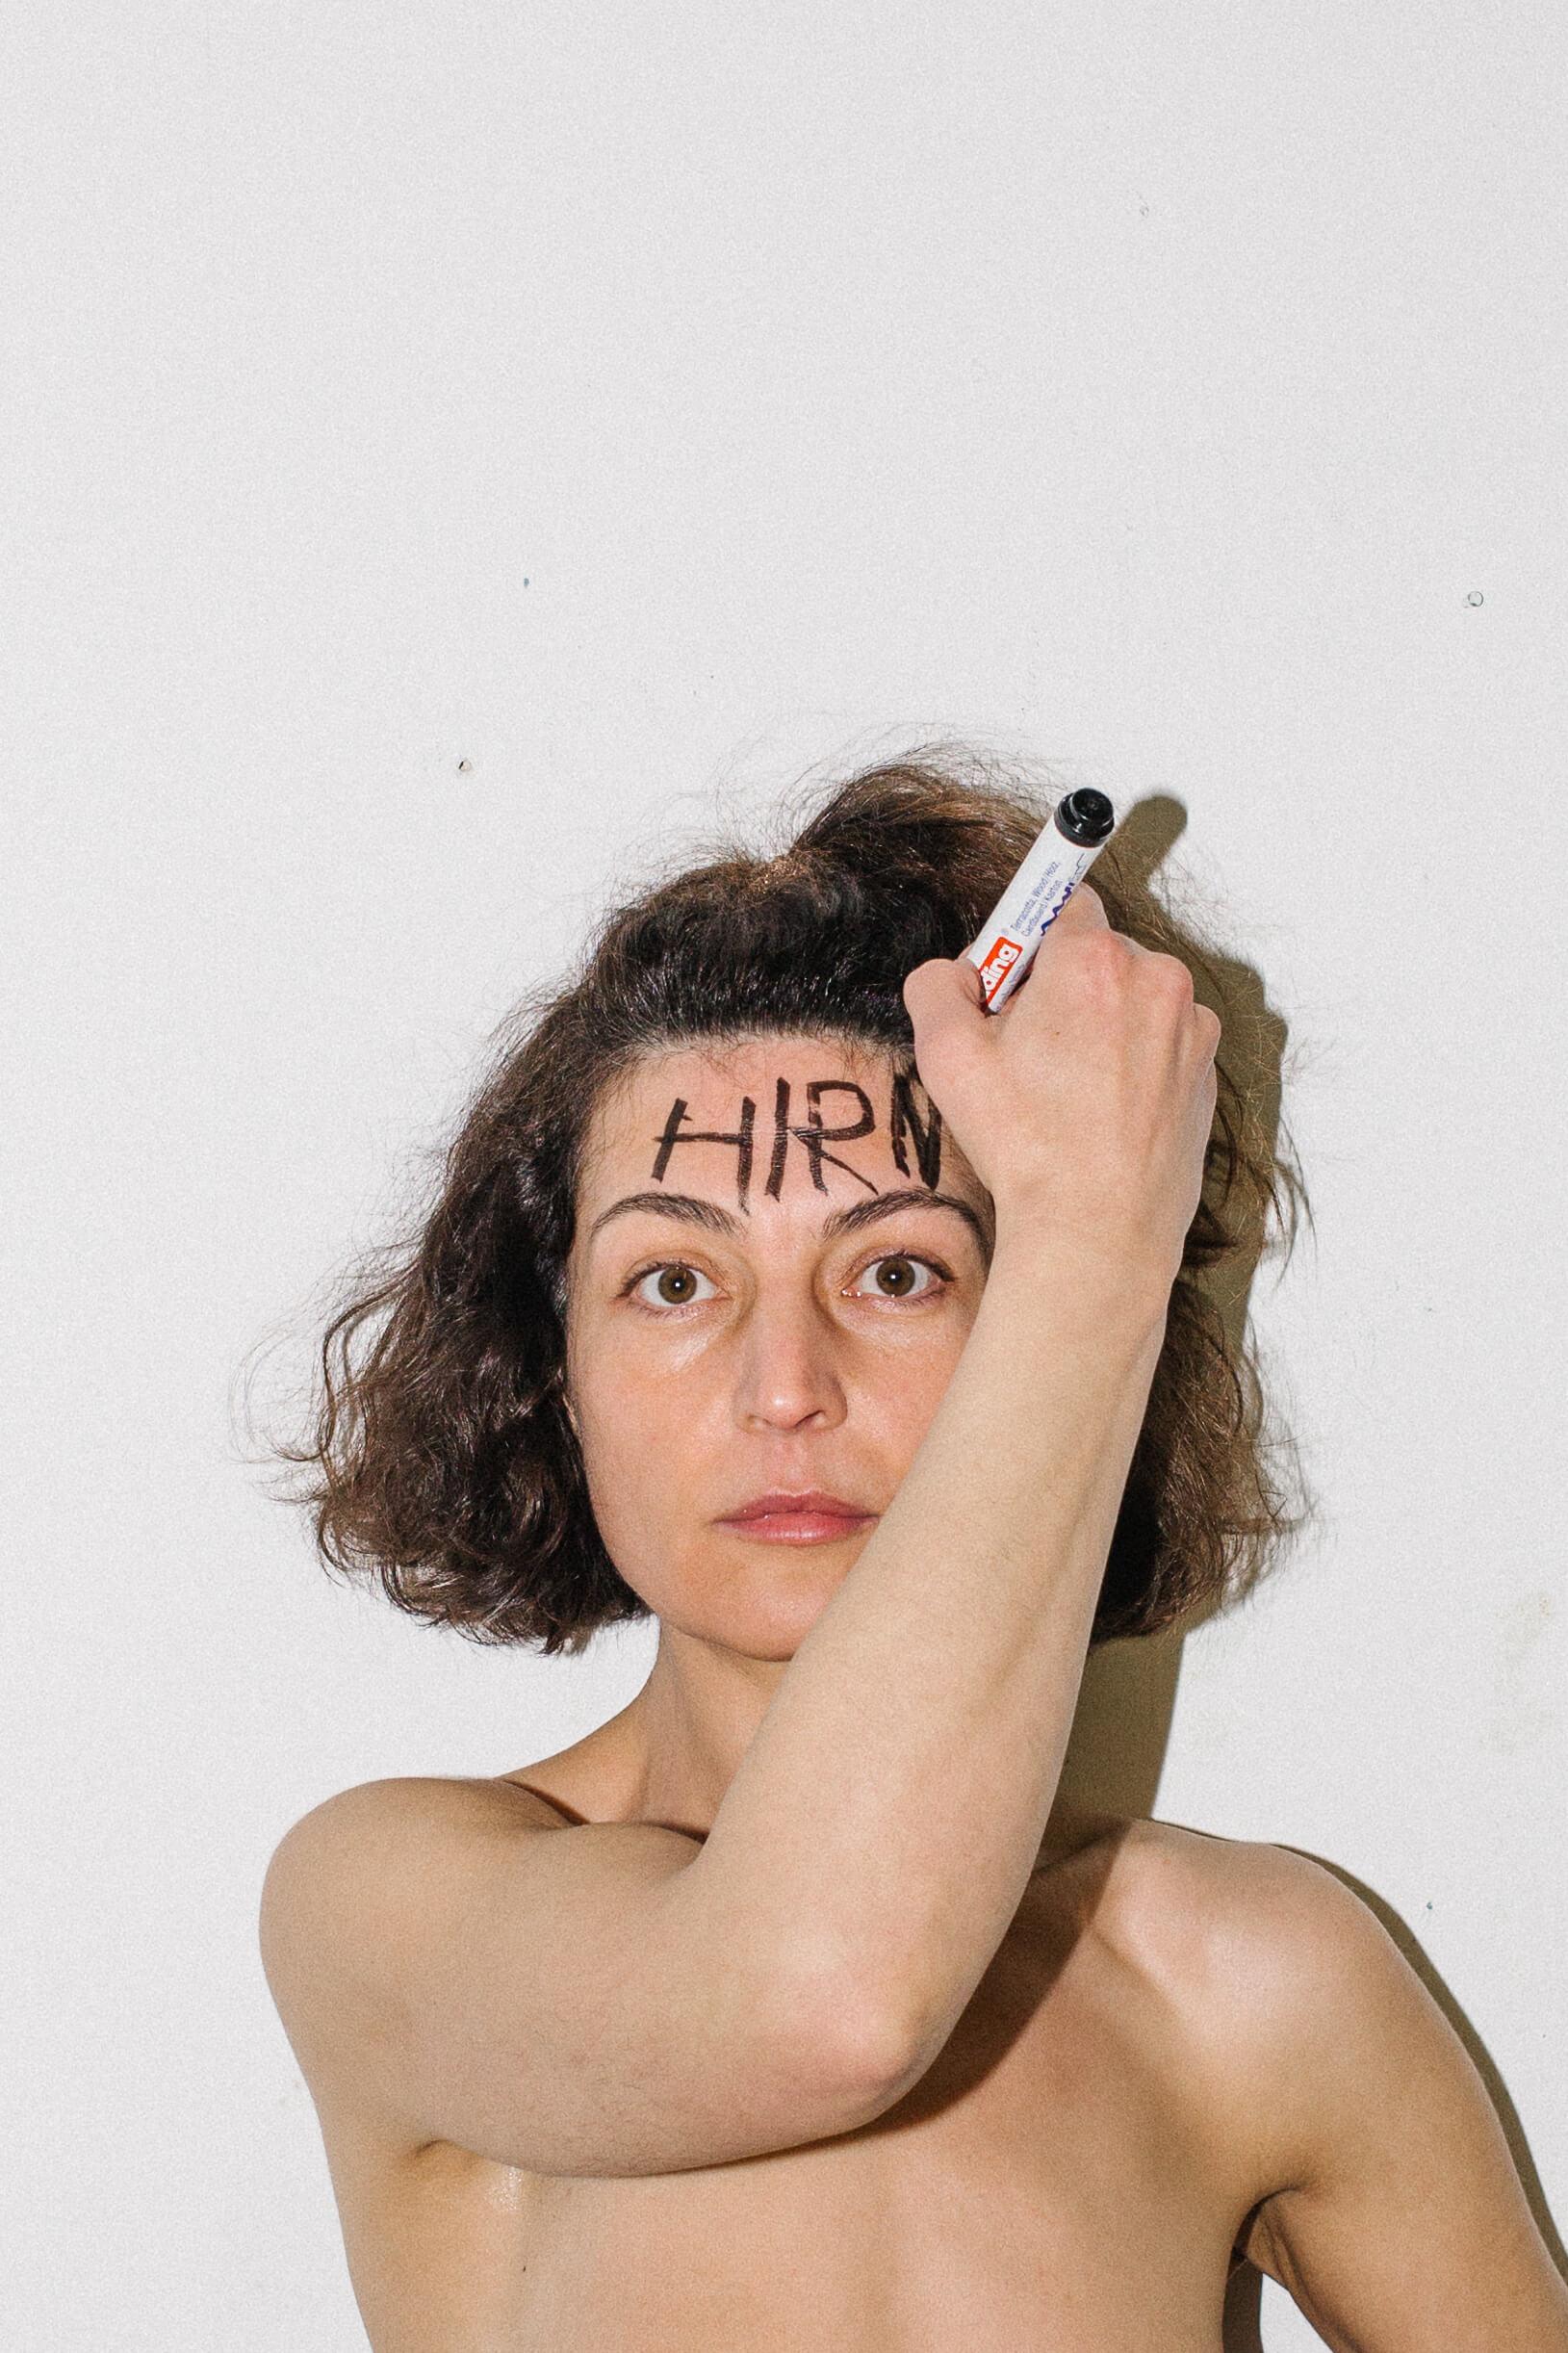 Die Künstlerin Gülcan Turna steht frontal zur Kamera, nackt, und Schreibt sich das Wort Hirn auf die Stirn.